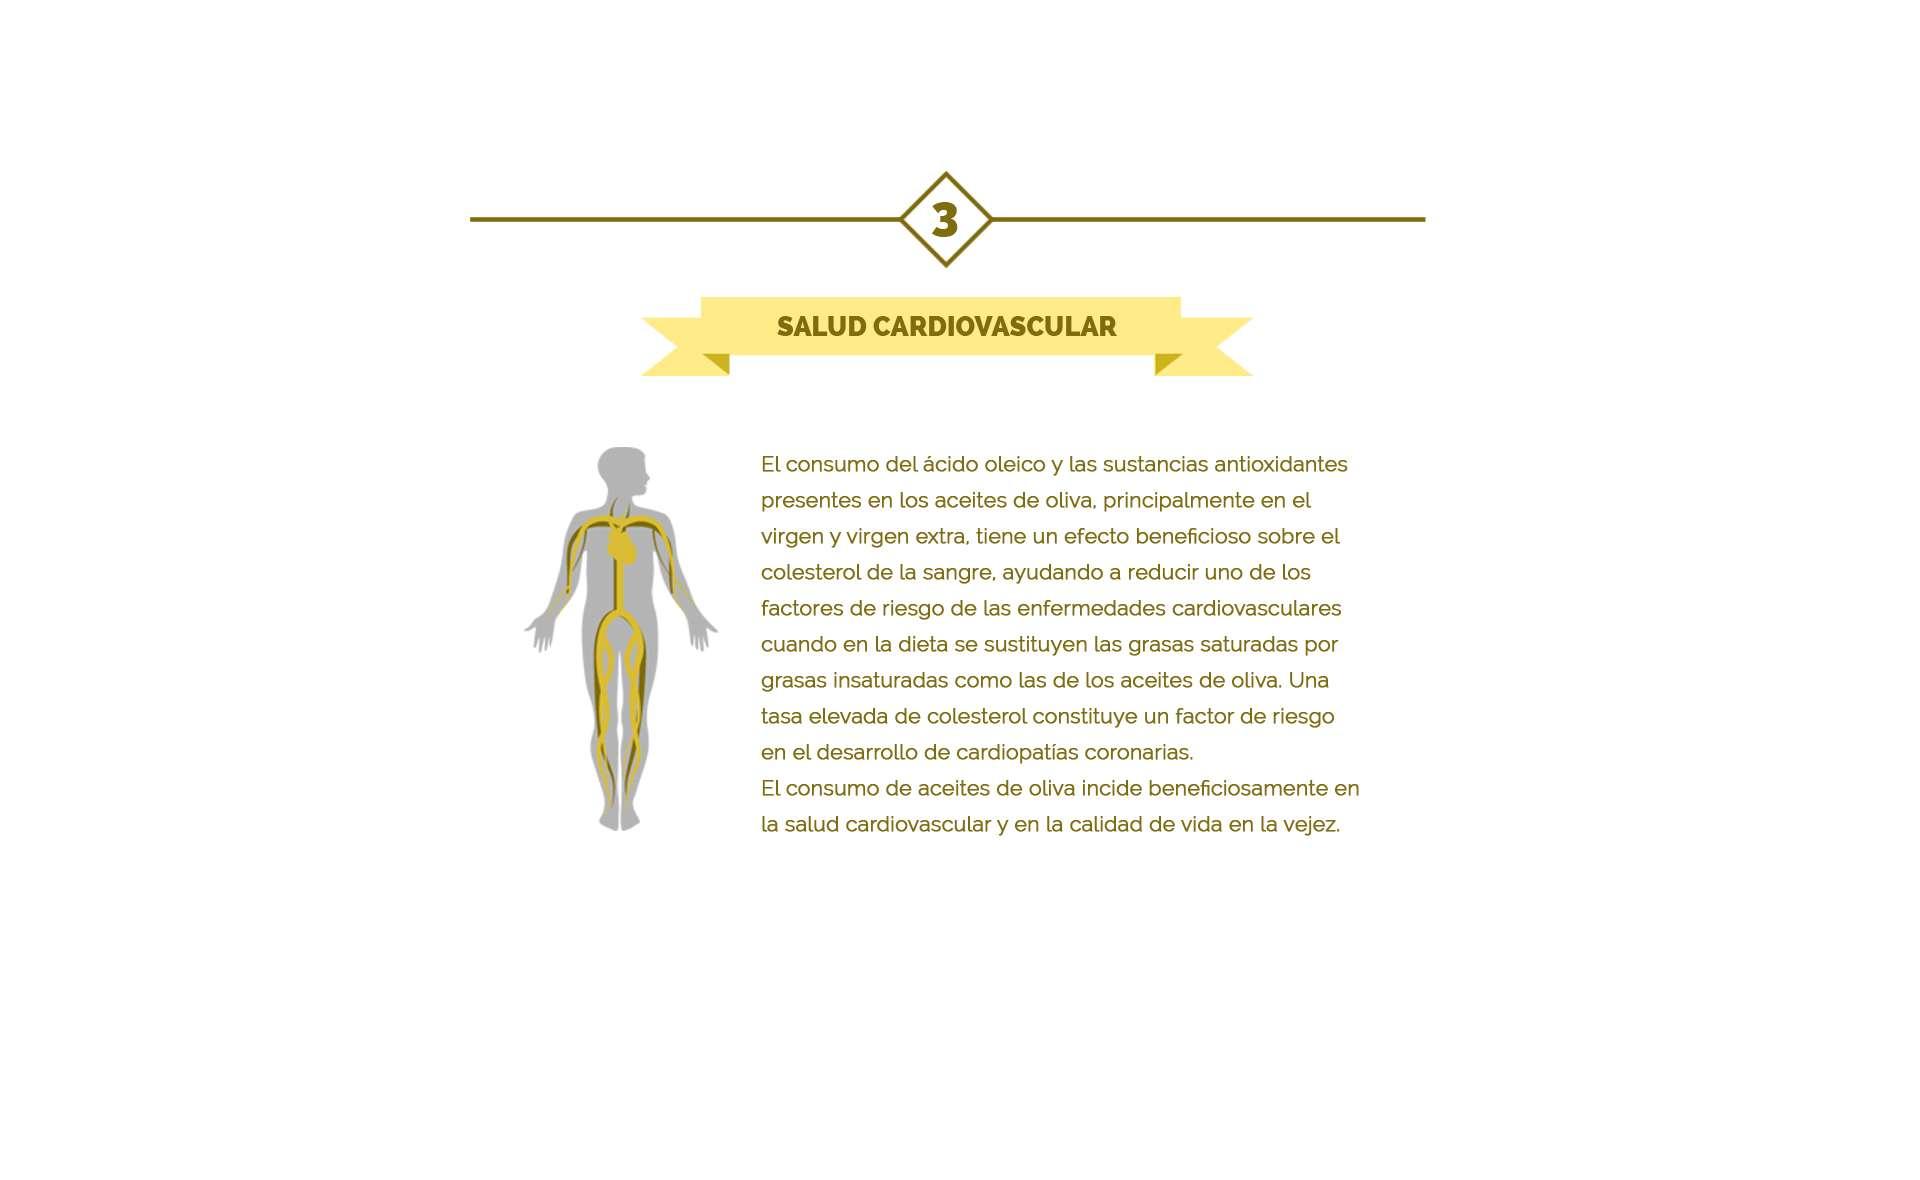 el consumo del aceite de oliva reduce el riesgo de enfermedades cardiovasculares